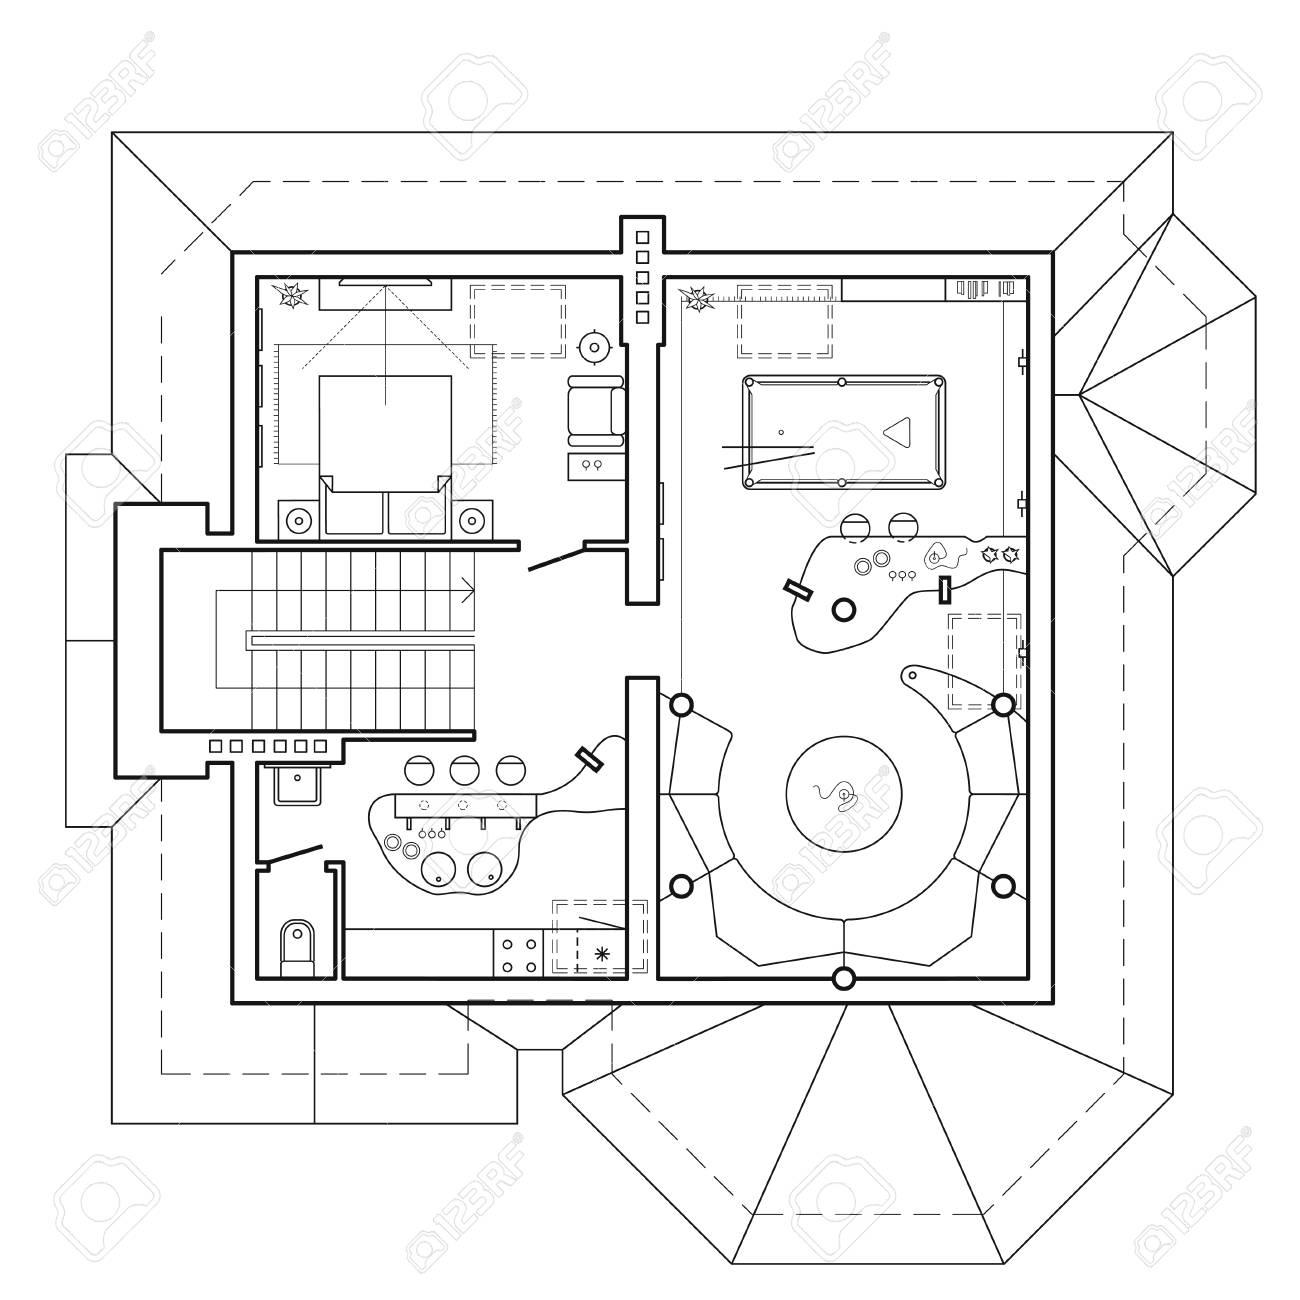 L Etage Mansarde Du Chalet Plan Architectural D Une Maison Disposition De L Appartement Avec Le Mobilier Dans La Vue De Dessin Vue De Dessus Avec Table De Billard Salon Et Cuisine Icones Vectorielles Clip